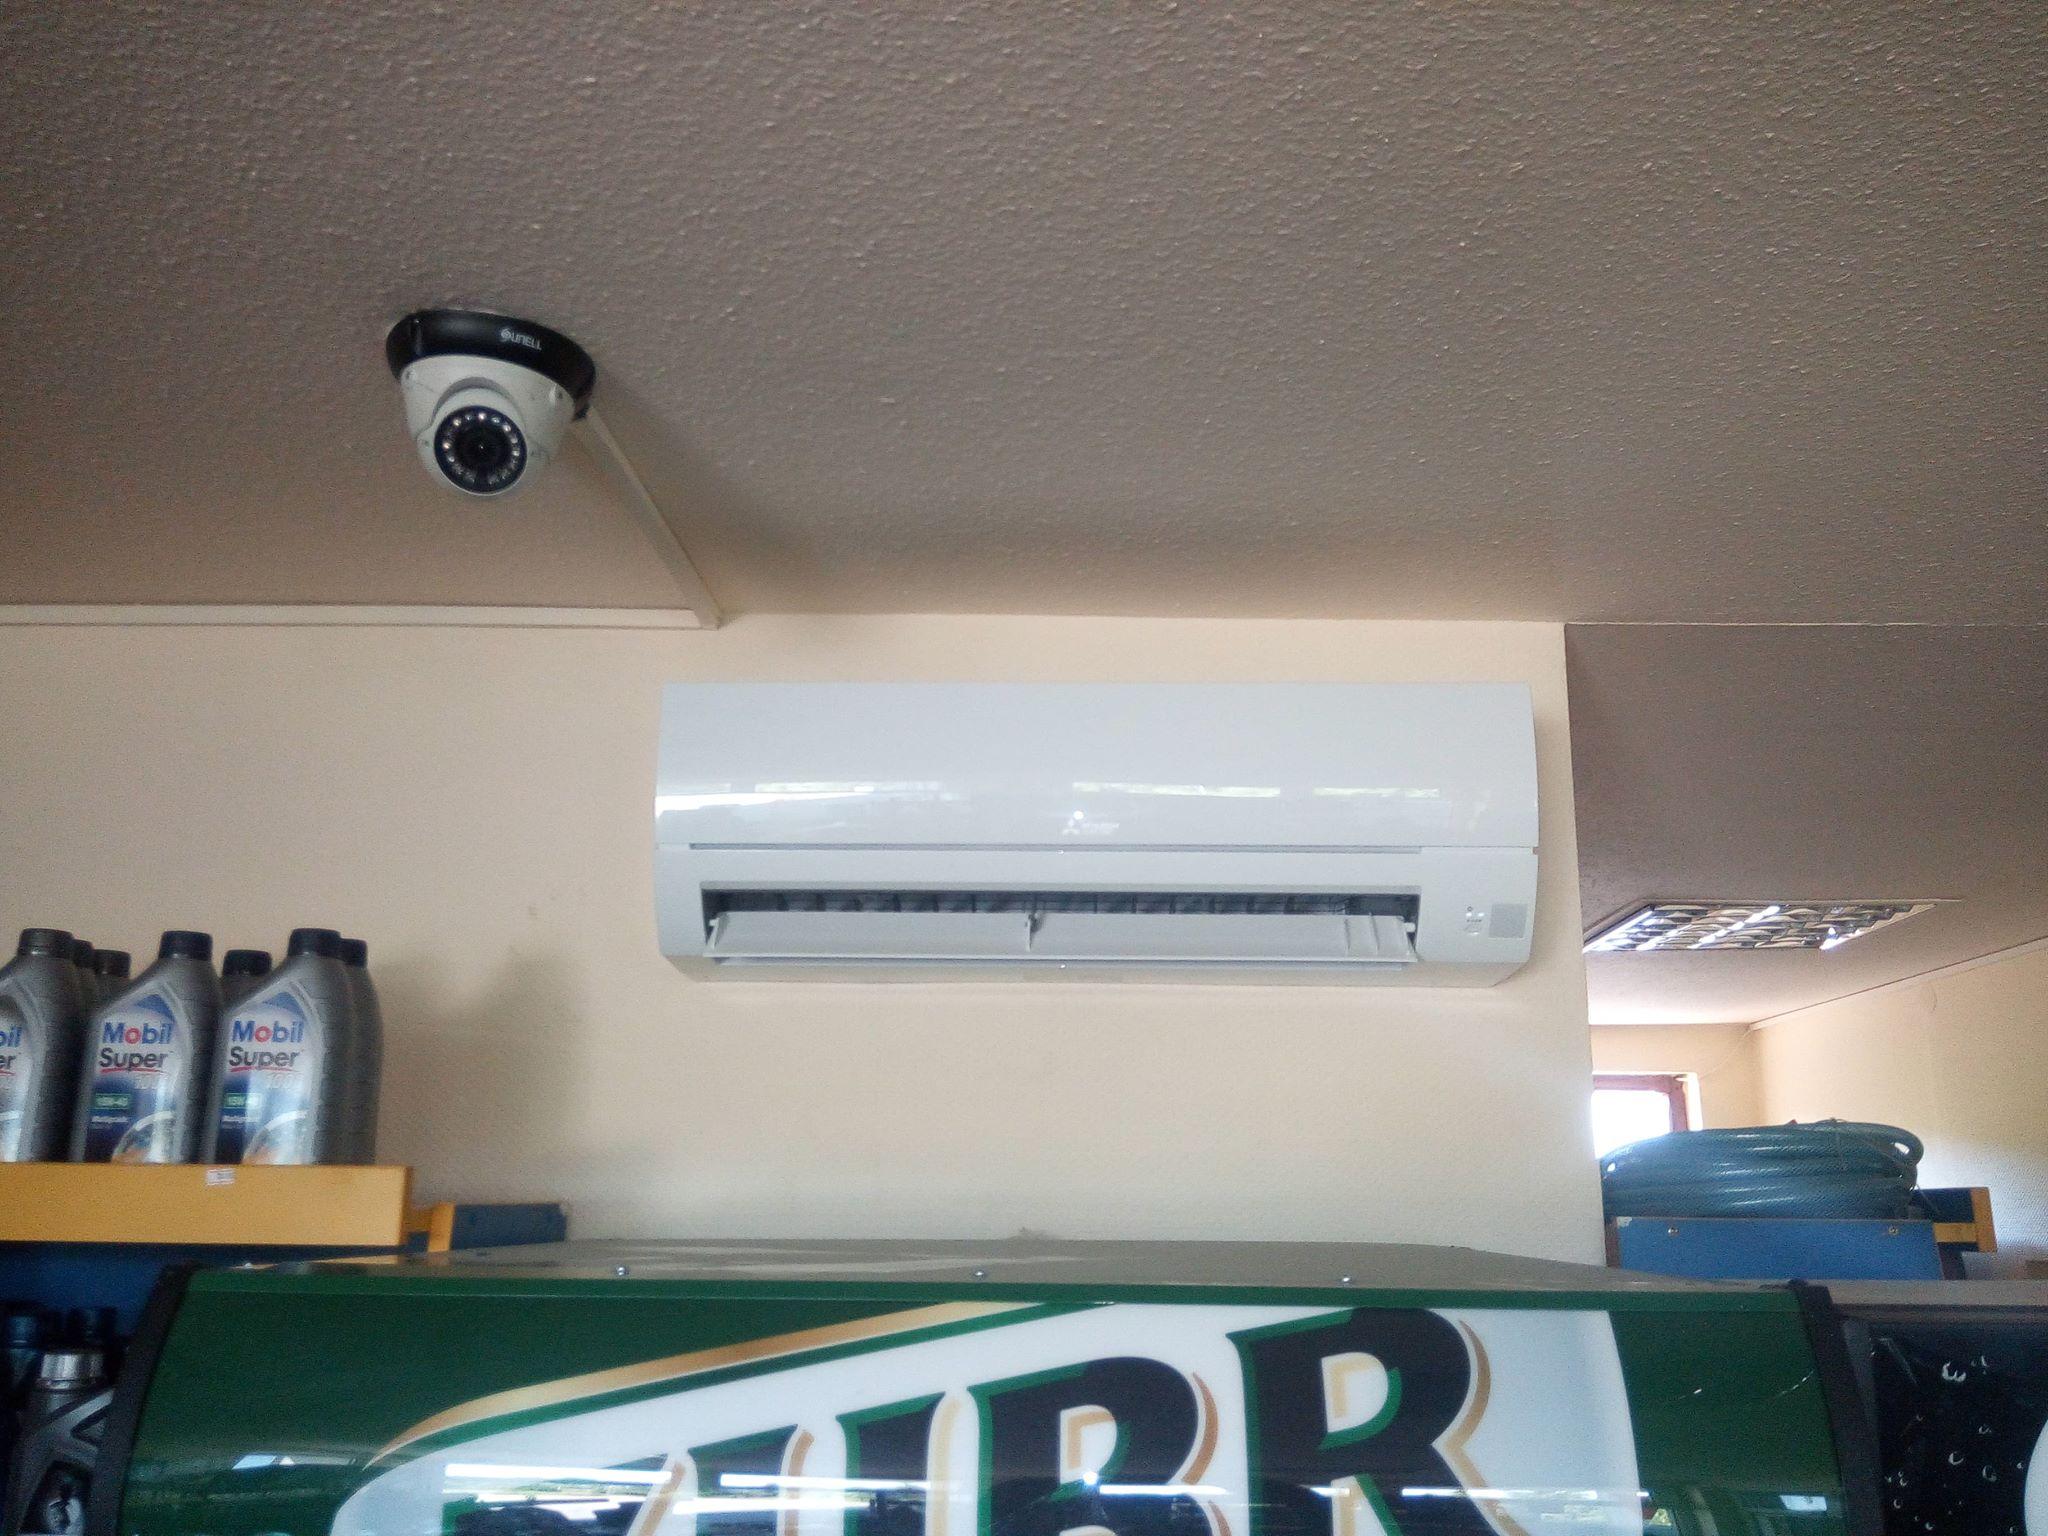 Klimatyzacja Mitsubishi Krynki